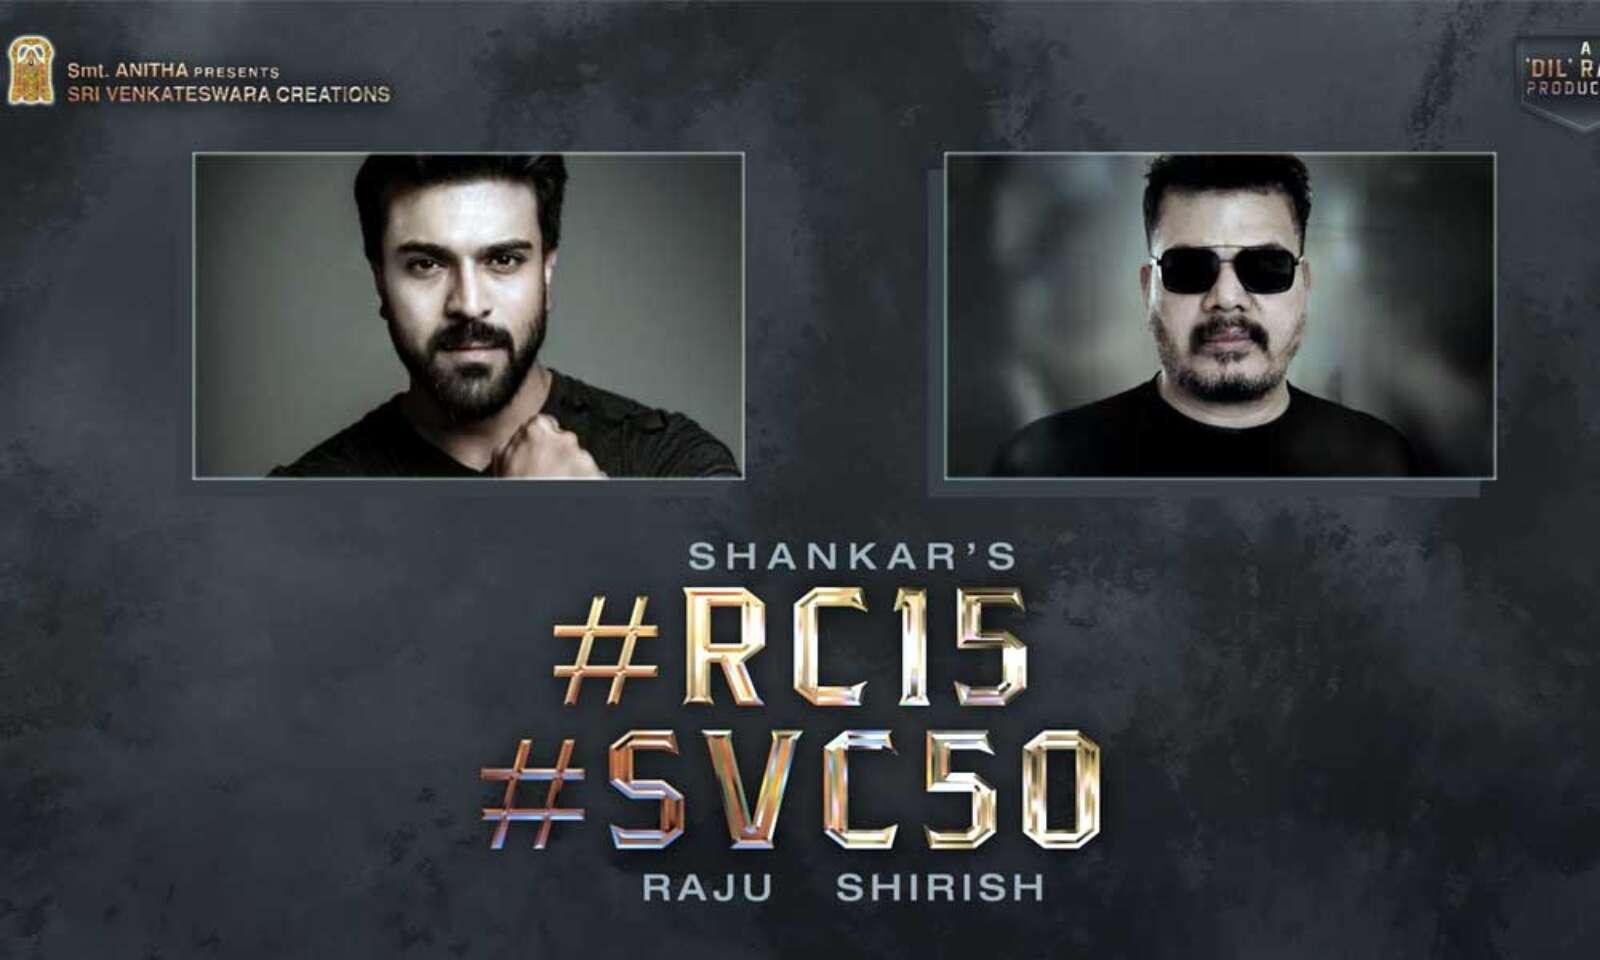 Ram Charan Shankar Film